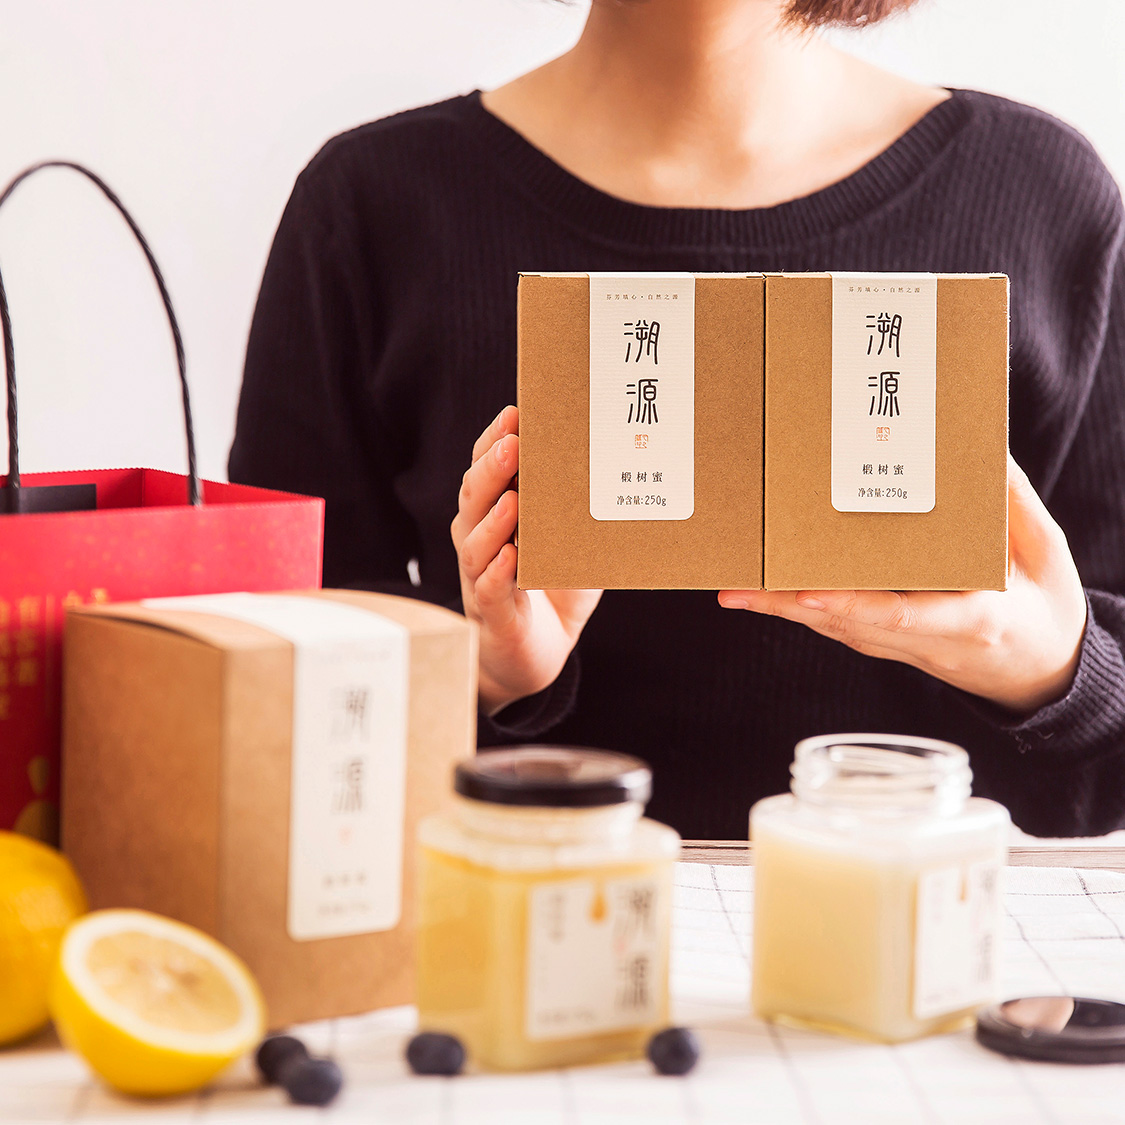 野生椴树蜂蜜纯净天然农家自产 成熟土白蜜雪蜜蜂巢蜜(送礼盒袋)